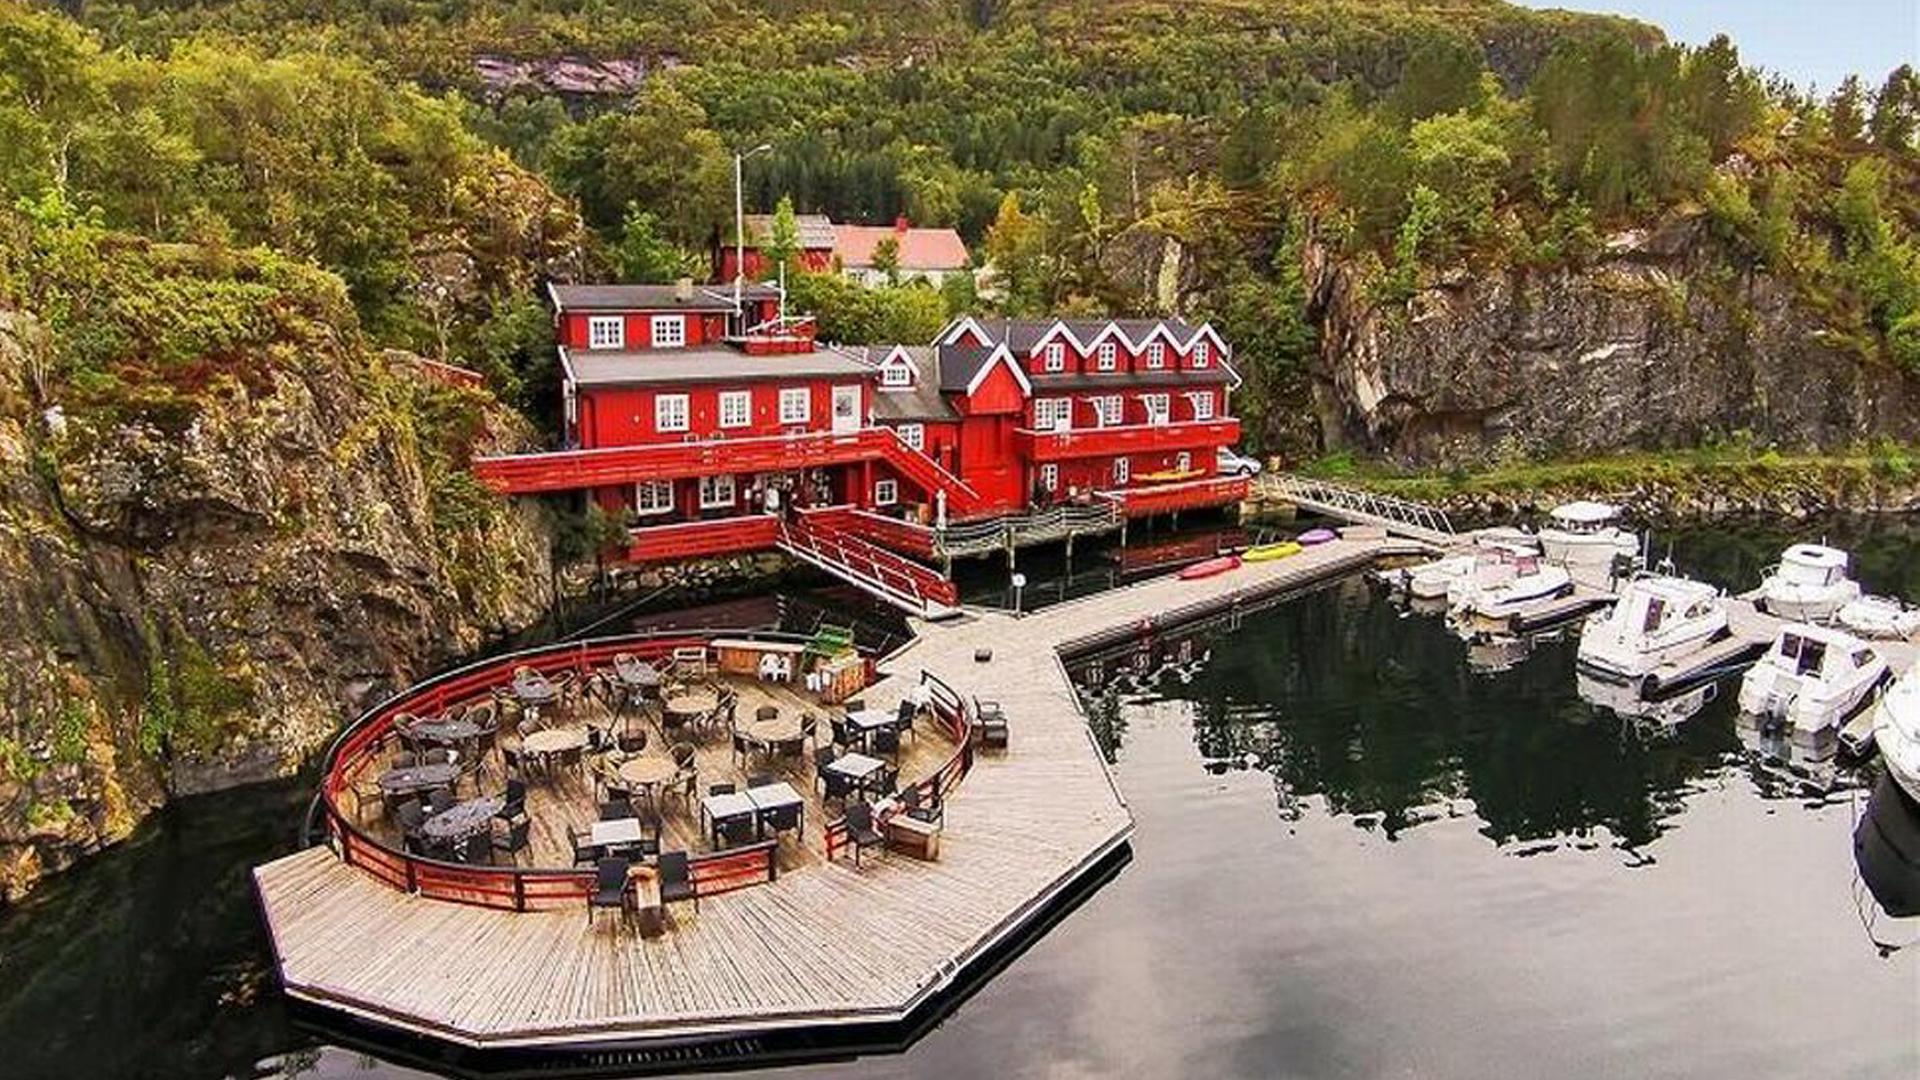 UTSOLGT!Leilighet på Kuringen Bryggehotell - Kuringen Bryggehotell ligger i Revsnes, som er det siste tettstedet på fastlandet før du kjører brua over til Stokkøya. Kuringen Bryggehotell er en tradisjonsrik klippfiskbrygge med flott restaurant og flere overnattingsmuligheter og ble oppgradert i 2017.Hver leilighet har sjøutsikt, 4 sengeplasser fordelt på 2 soverom, balkong mot sjøen, sittesalong, bad, tv og internett. Inkludert i prisen er frokost, sengetøy og sluttvask.NB! Transport til og fra festival må ordnes av gjesten selv.Avstander:9 km til Strandbaren - 8 km til festivalområdet